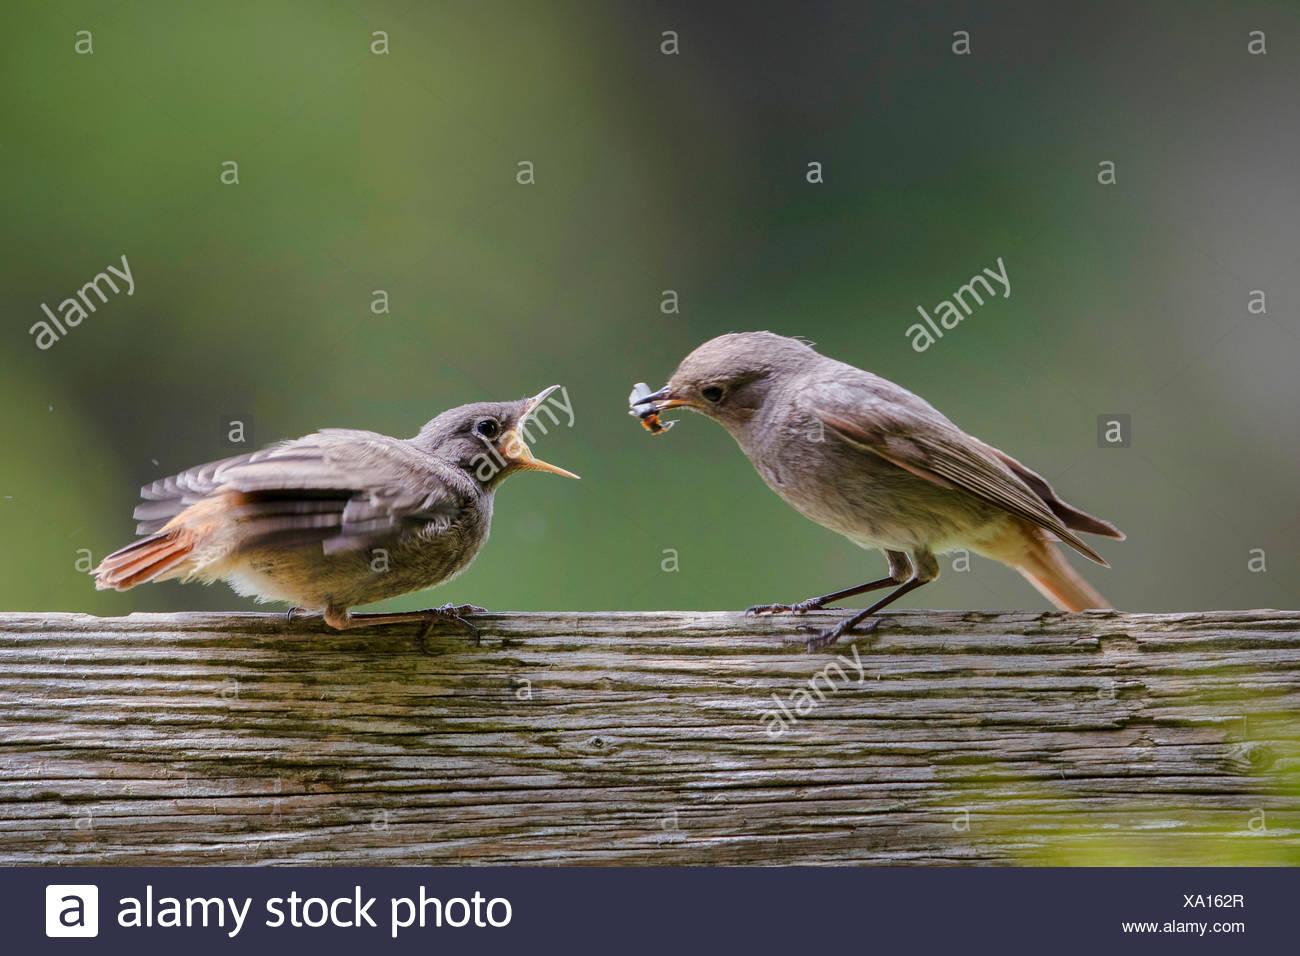 Hausrotschwanz, Haus-Rotschwanz (Phoenicurus ochruros), Weibchen fuettert bettelnden flueggen Jungvogel mit einem Kaefer, Deutsc - Stock Image